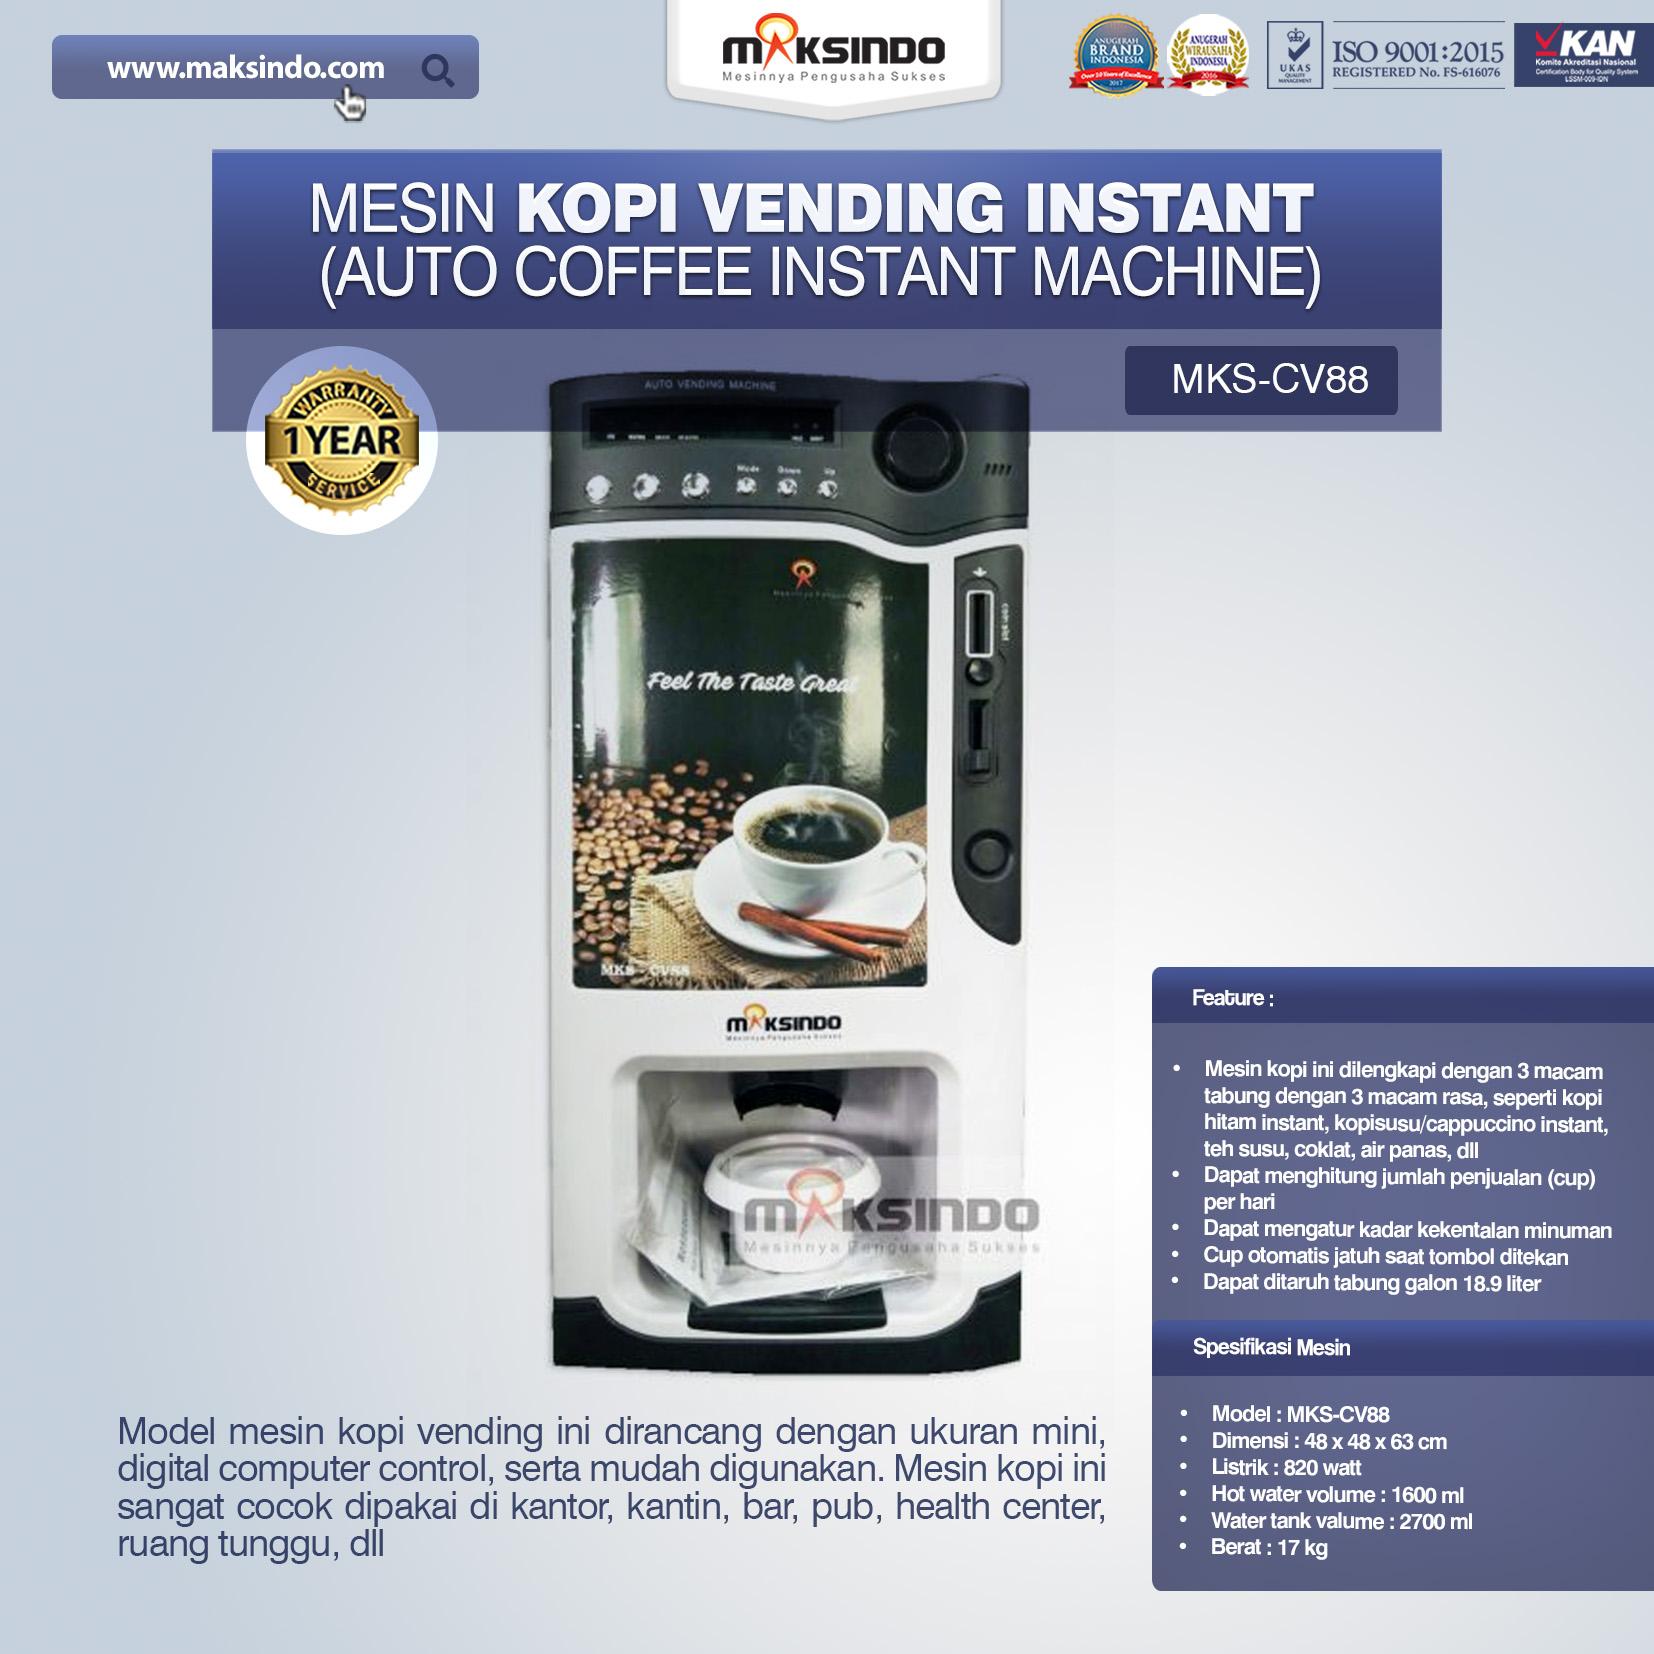 Jual Mesin Pembuat Kopi Instant (Coffee Vending) di Bali